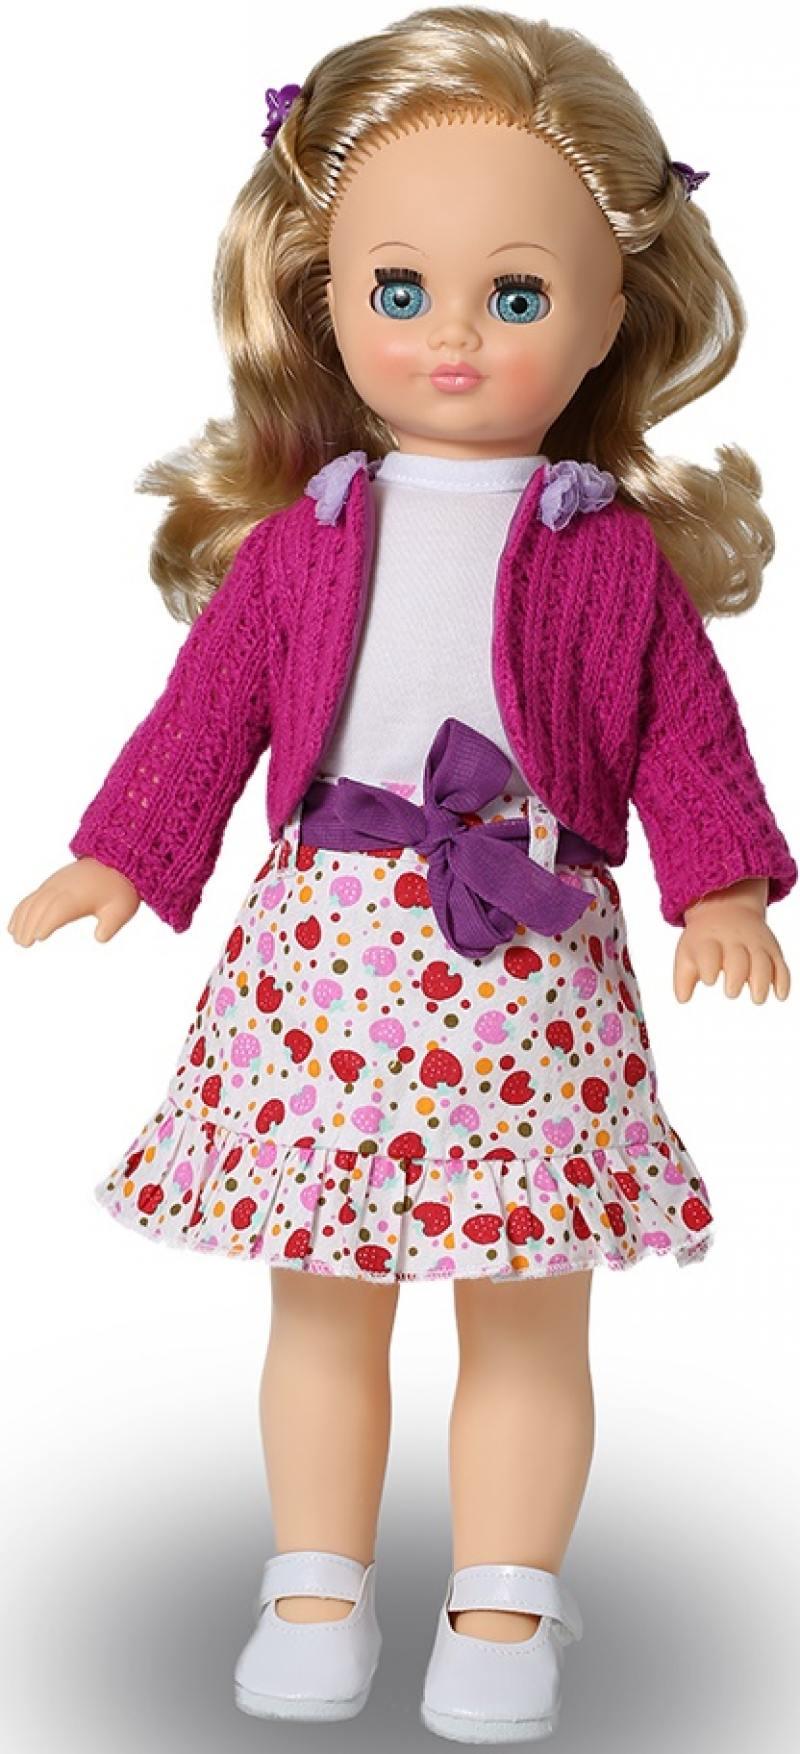 Кукла ВЕСНА Лиза 11 (озвученная) кукла весна лиза 16 озвученная в2144 о